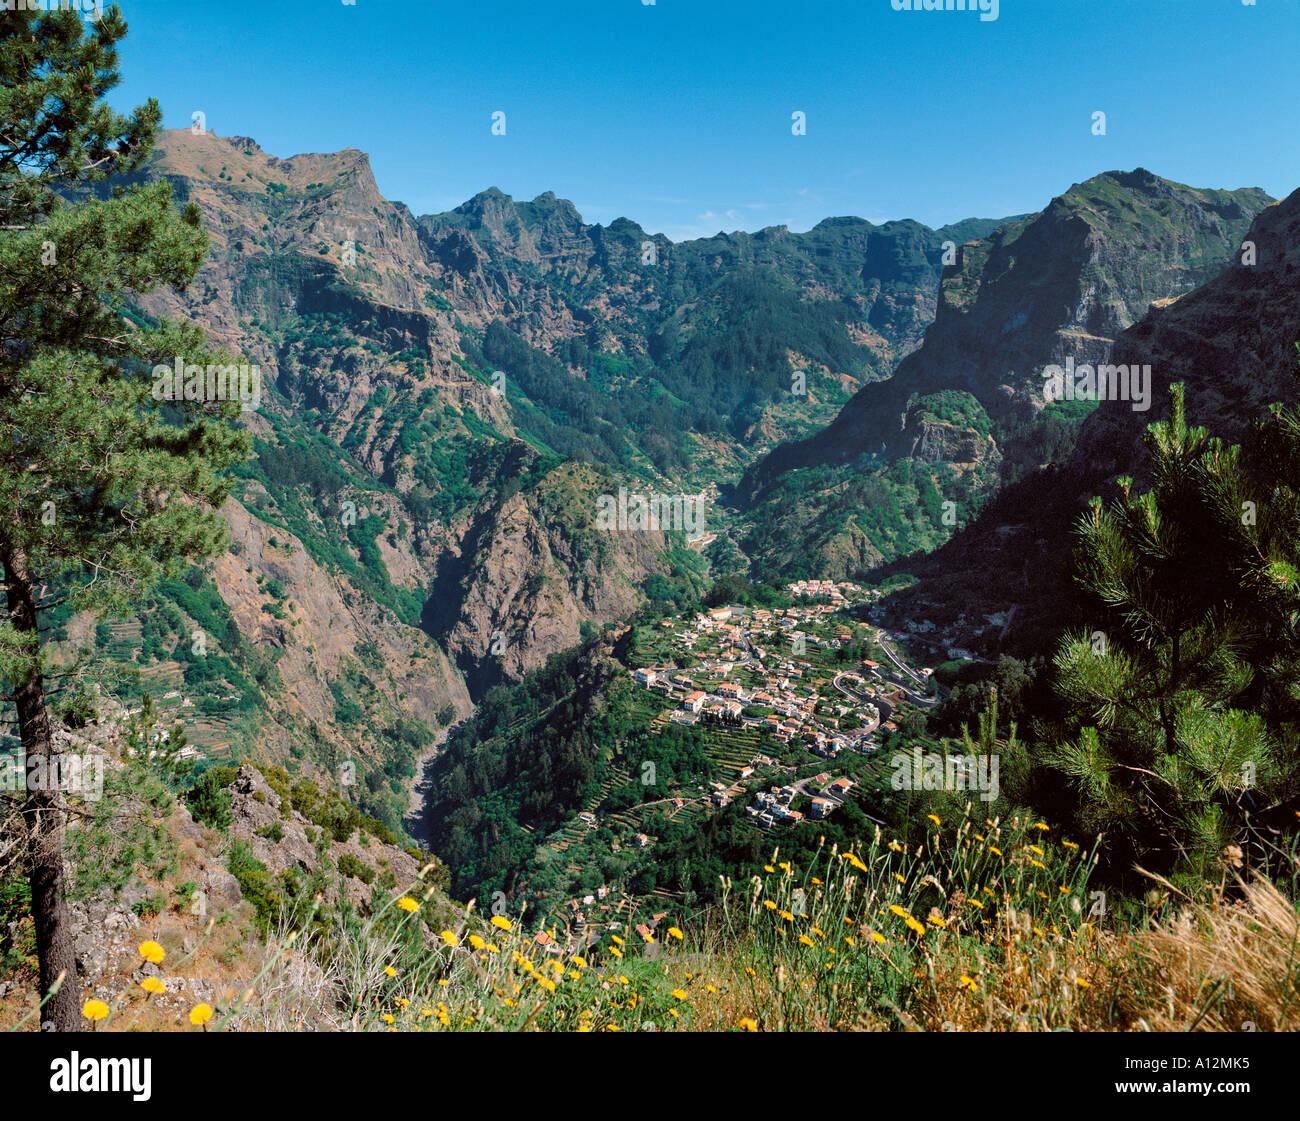 Madeira, Portugal, the Curral das Freiras village seen from Eira do Serrado viewpoint - Stock Image